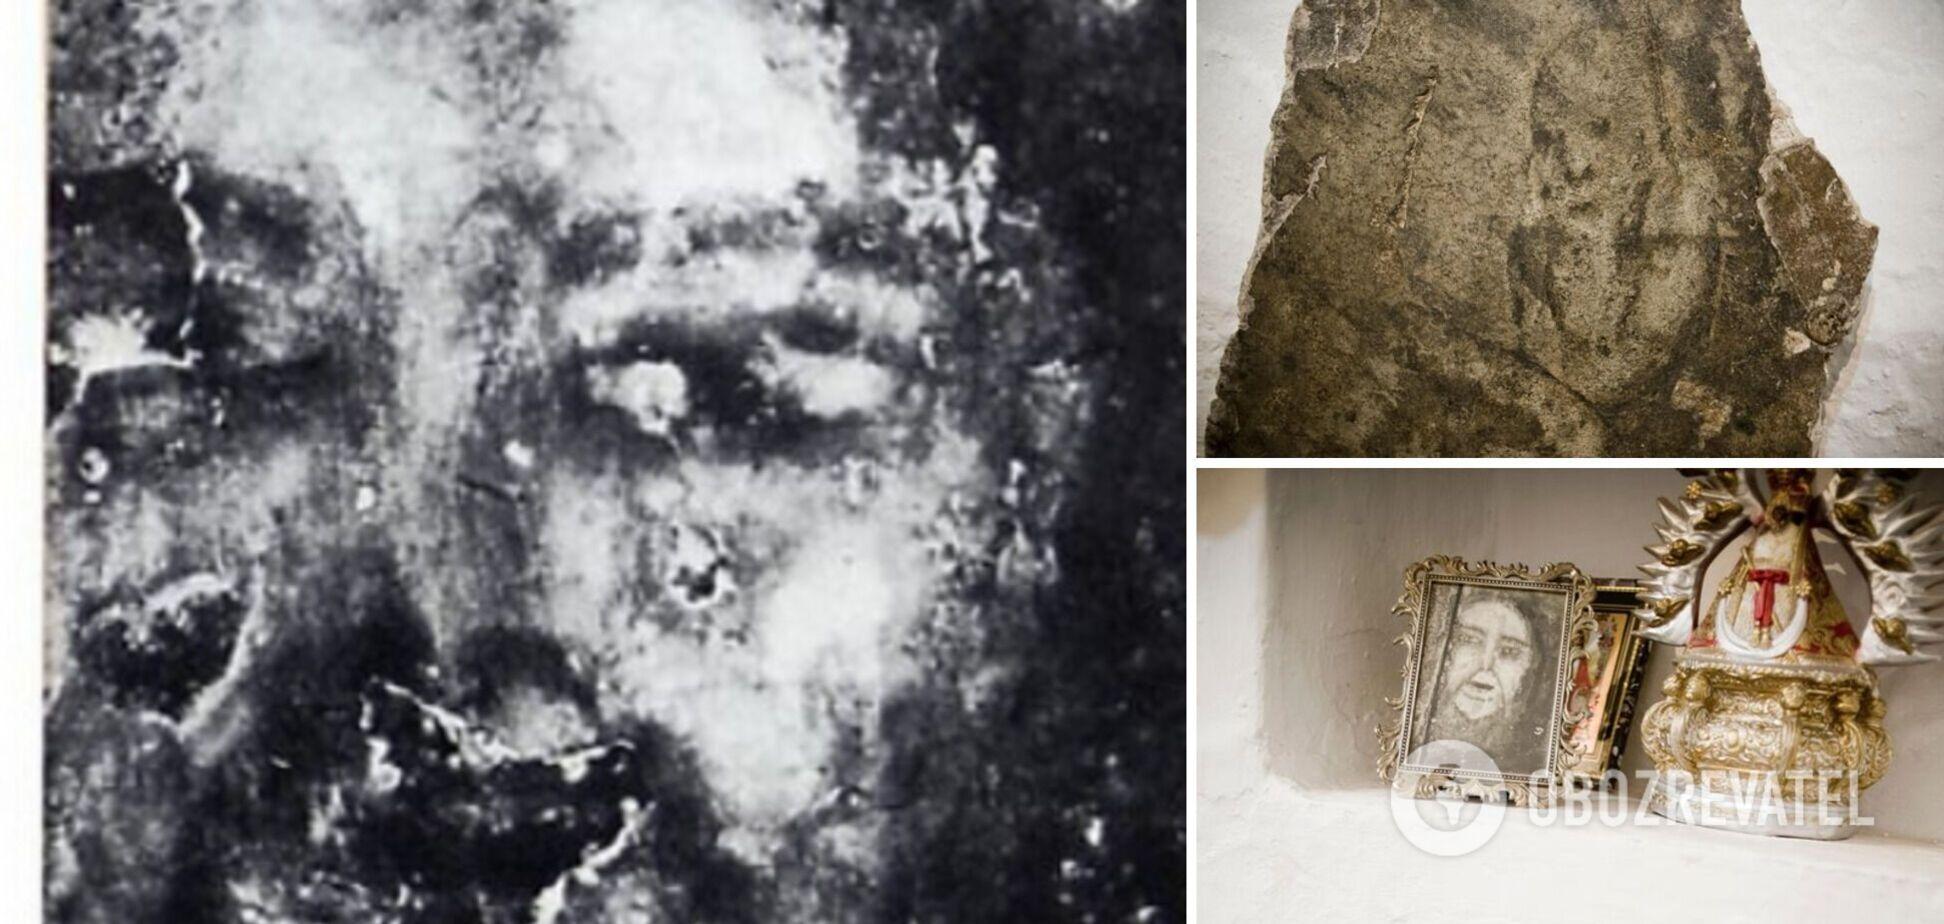 Таємниця Бельмеських облич: що відомо про найзагадковіше явище XX століття, яке не розгадано досі